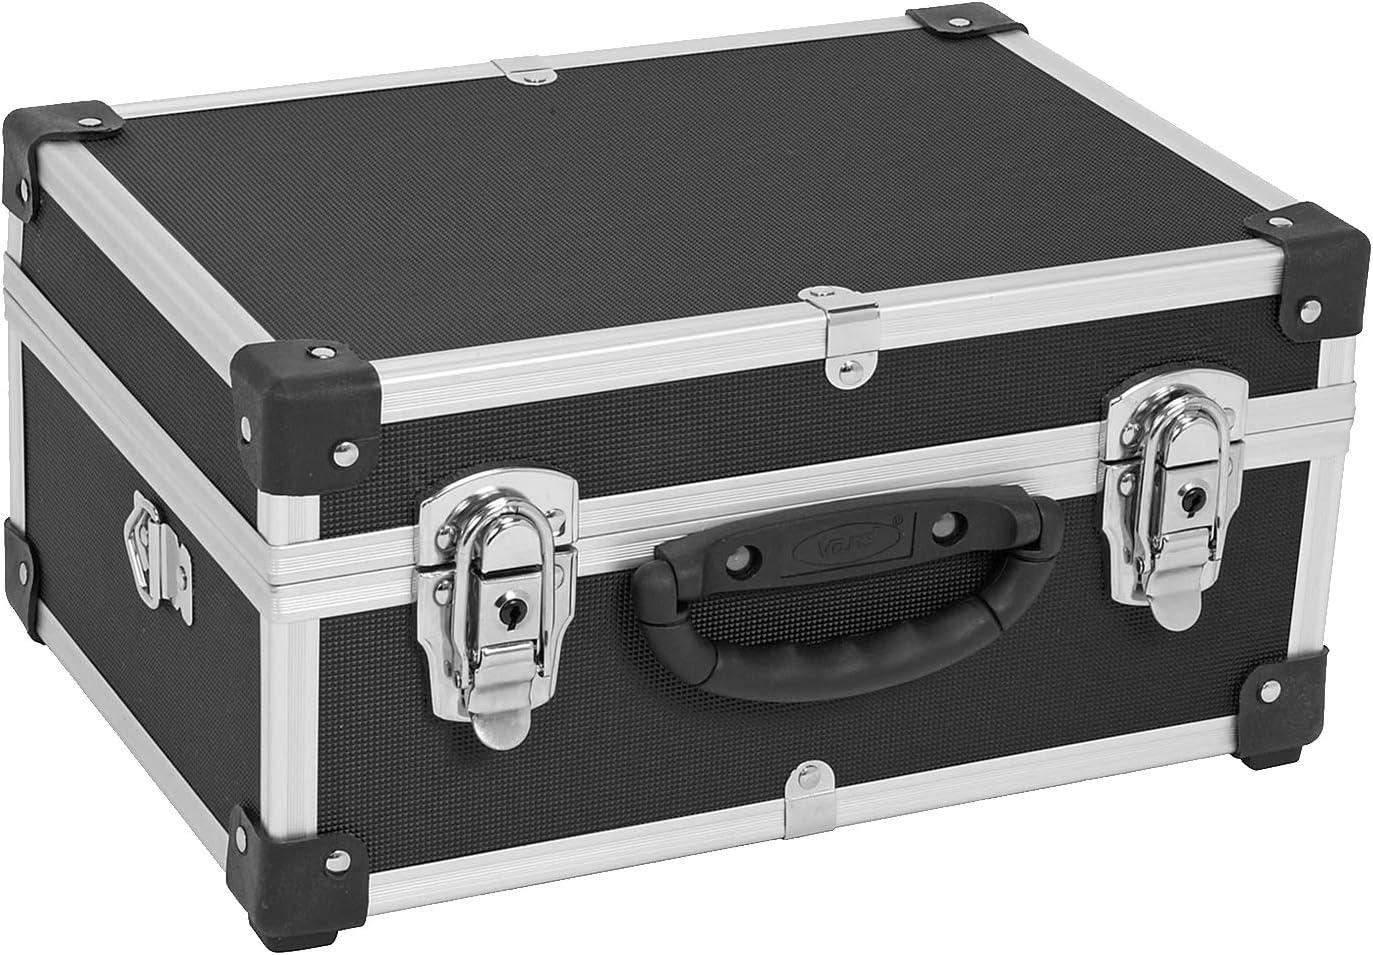 Varo y Kreator PRM10106B Maletín para herramientas, Black, Silver